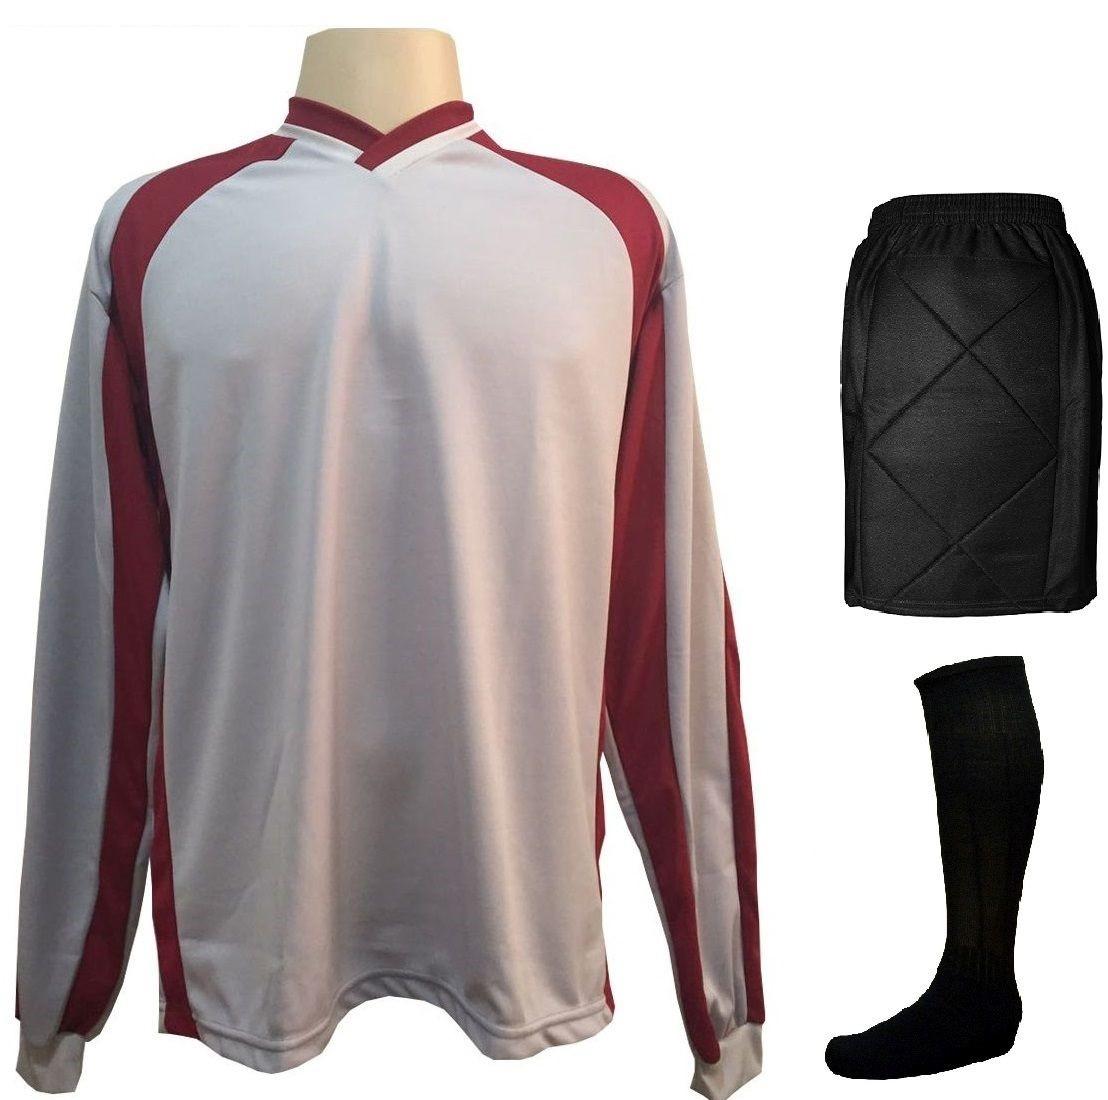 Fardamento Completo modelo Columbus 18+2 (18 Camisas Marinho/Vermelho + 18 Calções Madrid Marinho + 18 Pares de Meiões Marinho + 2 Conjuntos de Goleiro) + Brindes